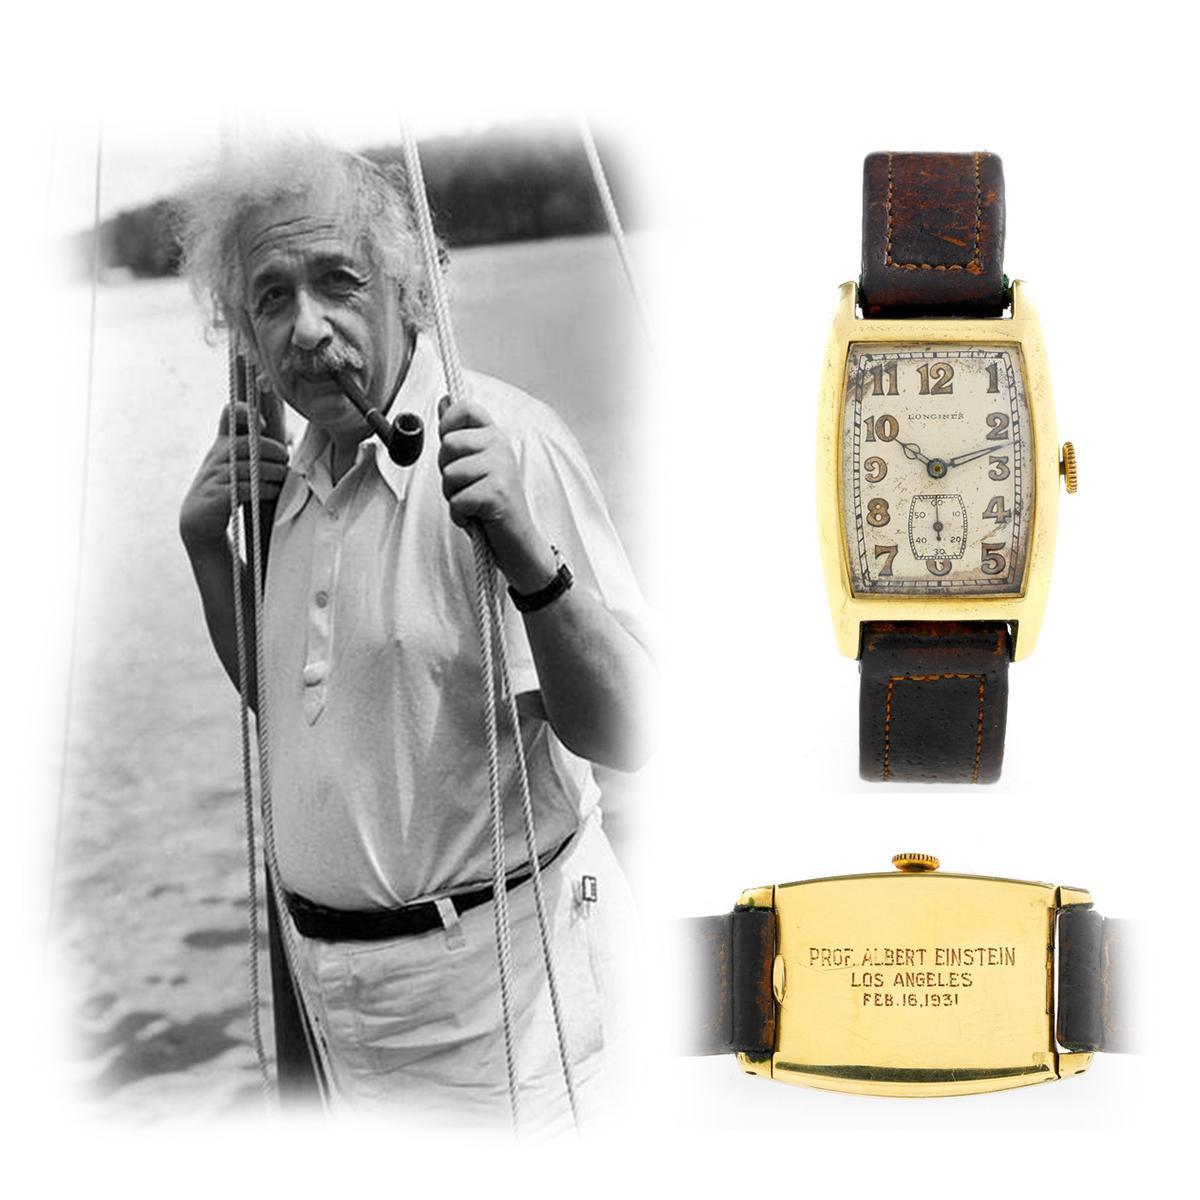 Sự thật đằng sau chiếc đồng hồ đắt giá hàng đầu thế giới mà Albert Einstein sở hữu! - Ảnh 2.